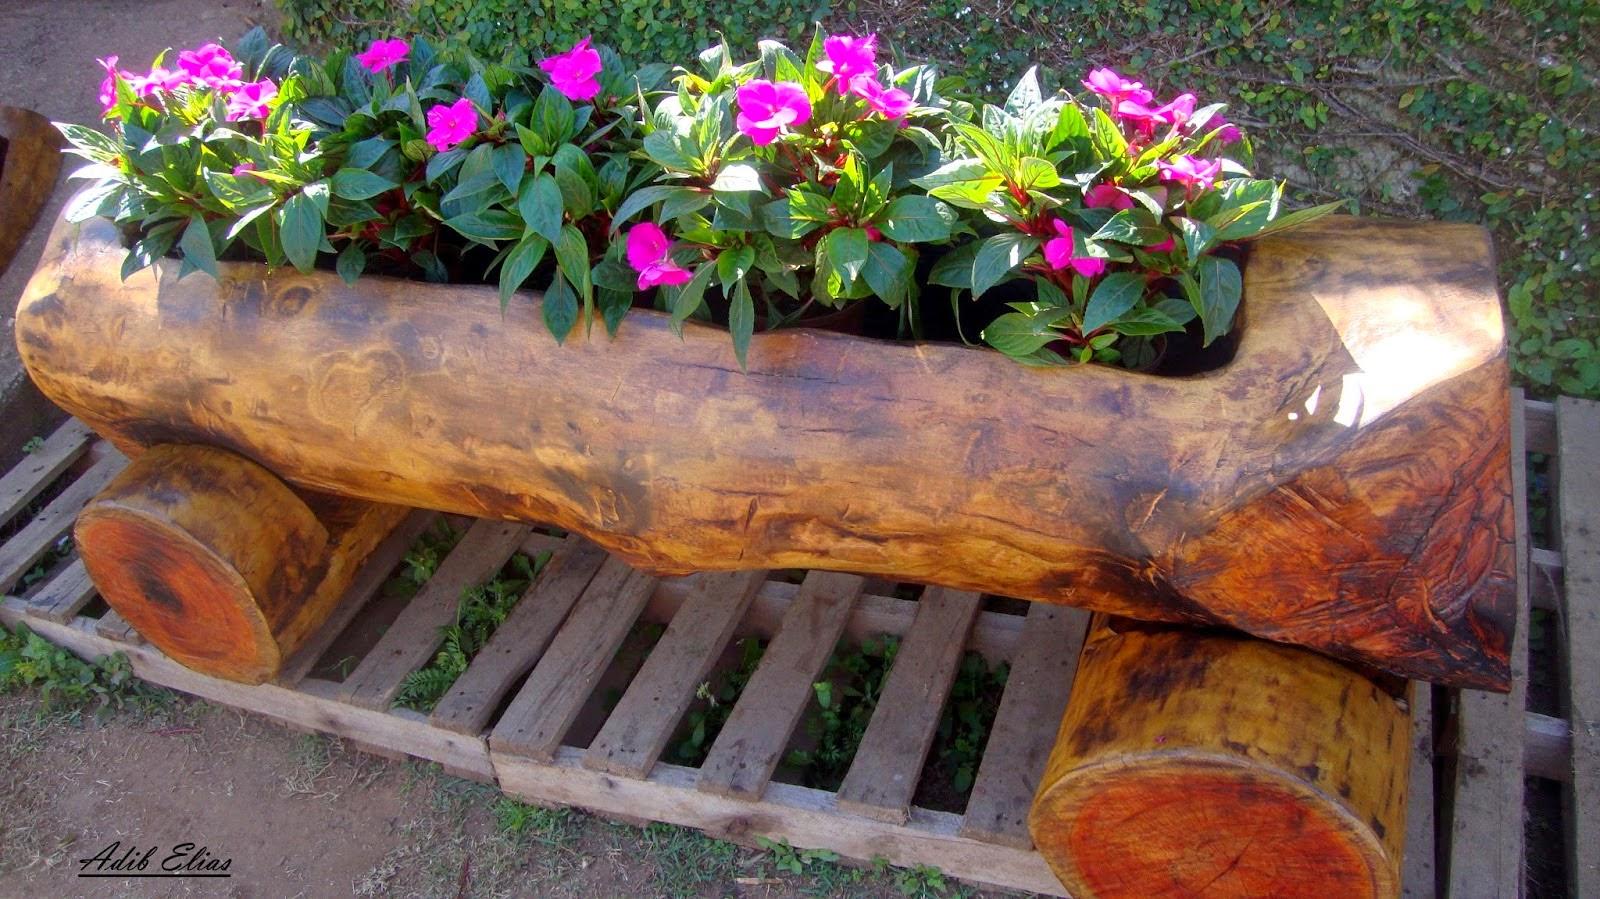 Troncos e raizes: Floreiras em troncos de madeira reciclada #9A6231 1600x899